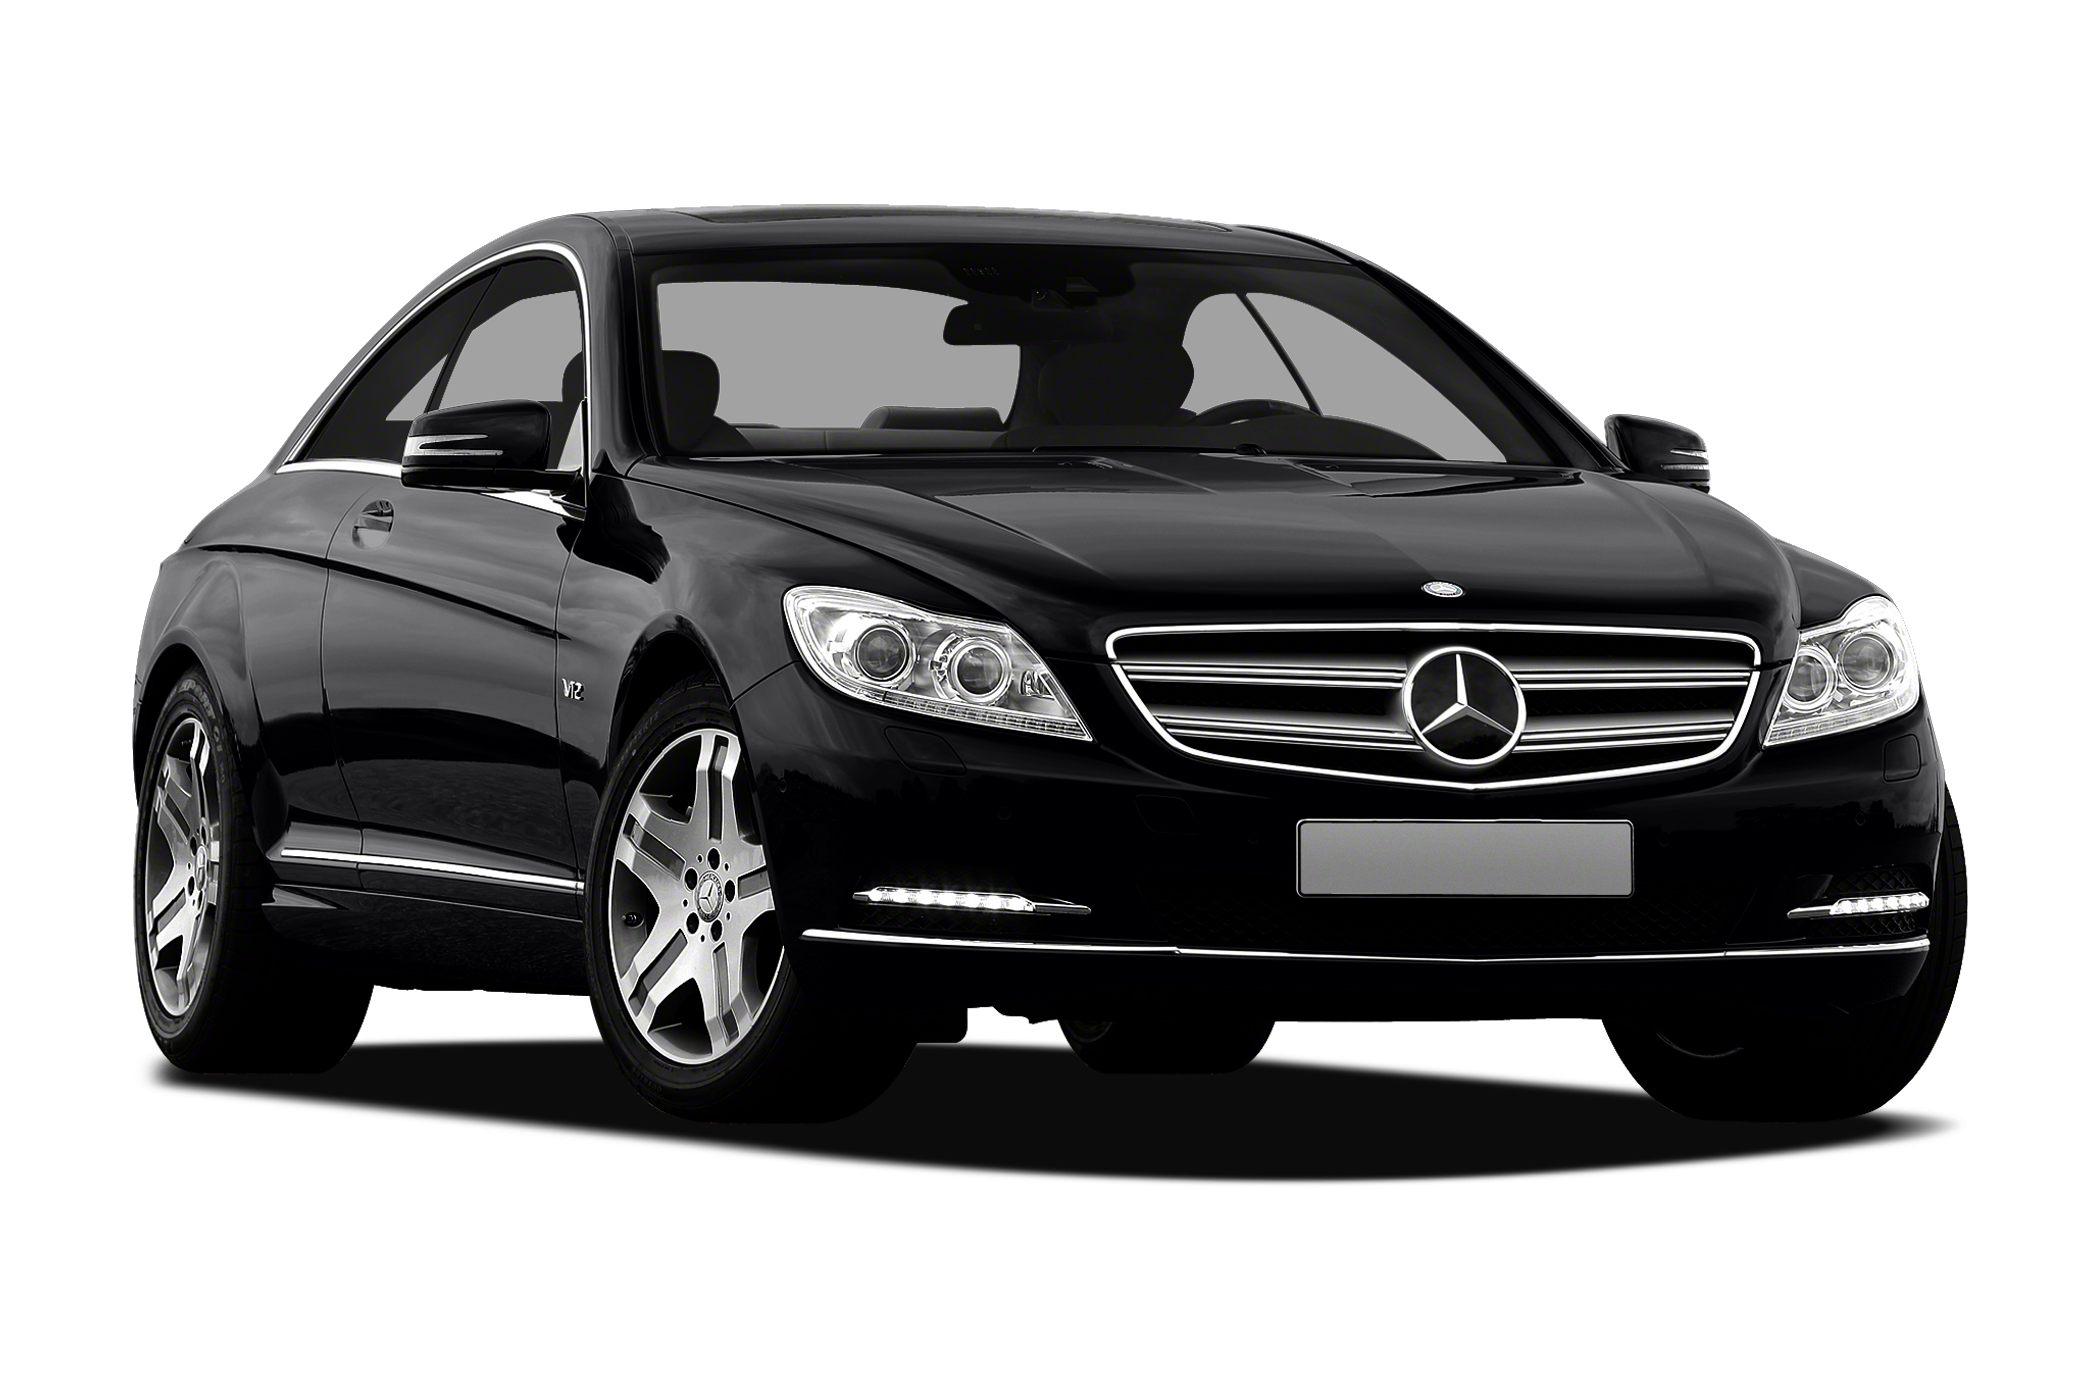 2013 Mercedes Benz CL Class Information